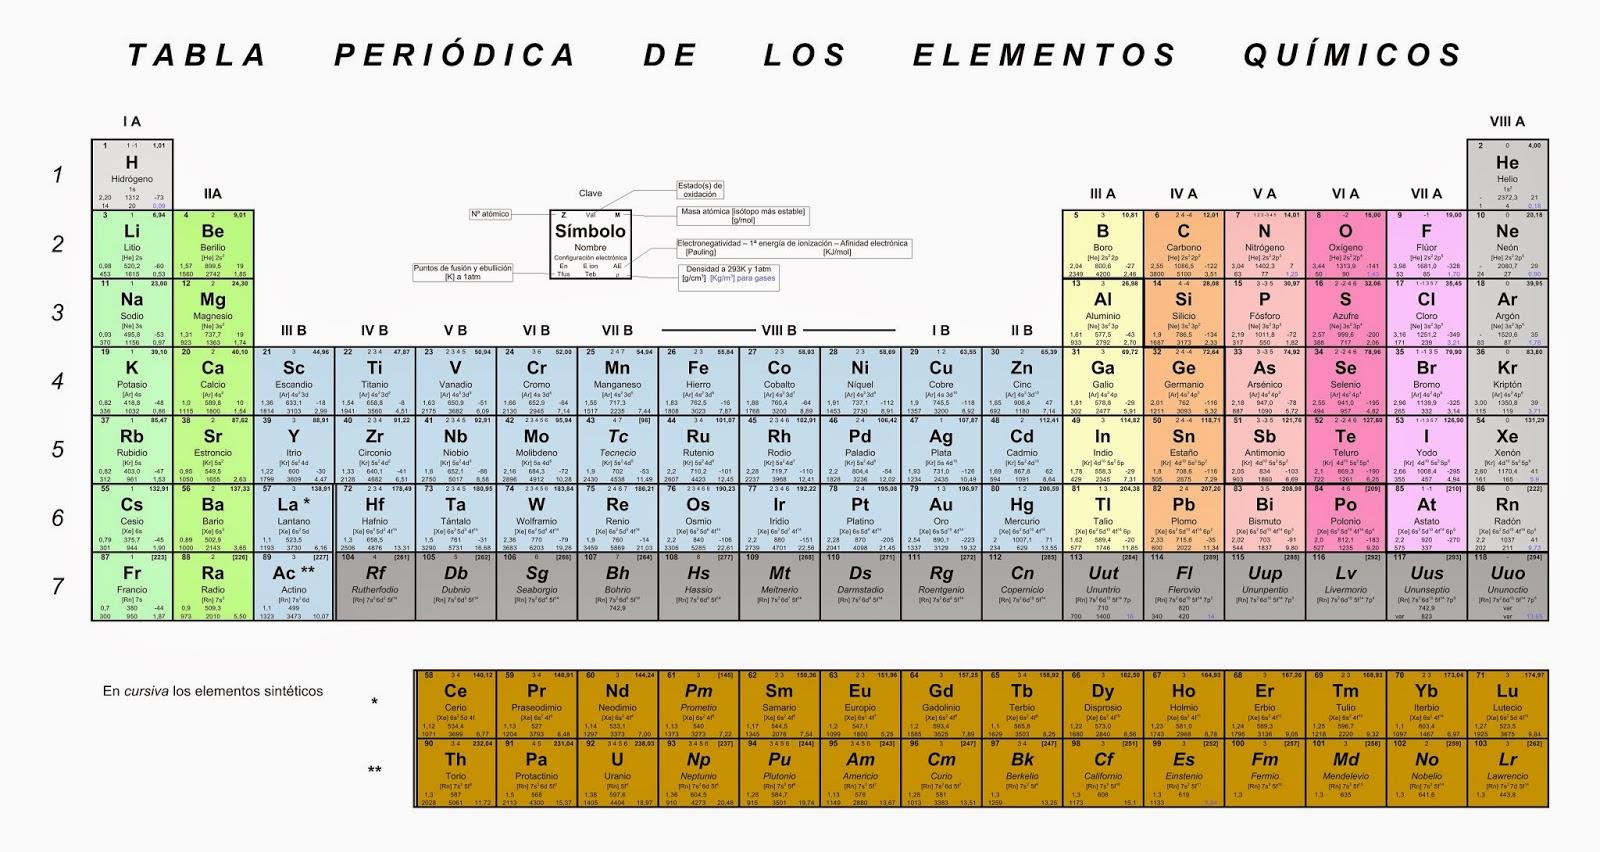 Qumica tabla peridica de los elementos qumicos tabla ampliada los mismos datos anteriores ms los estados de oxidacin la configuracin electrnica electronegatividad primera energa de ionizacin urtaz Image collections